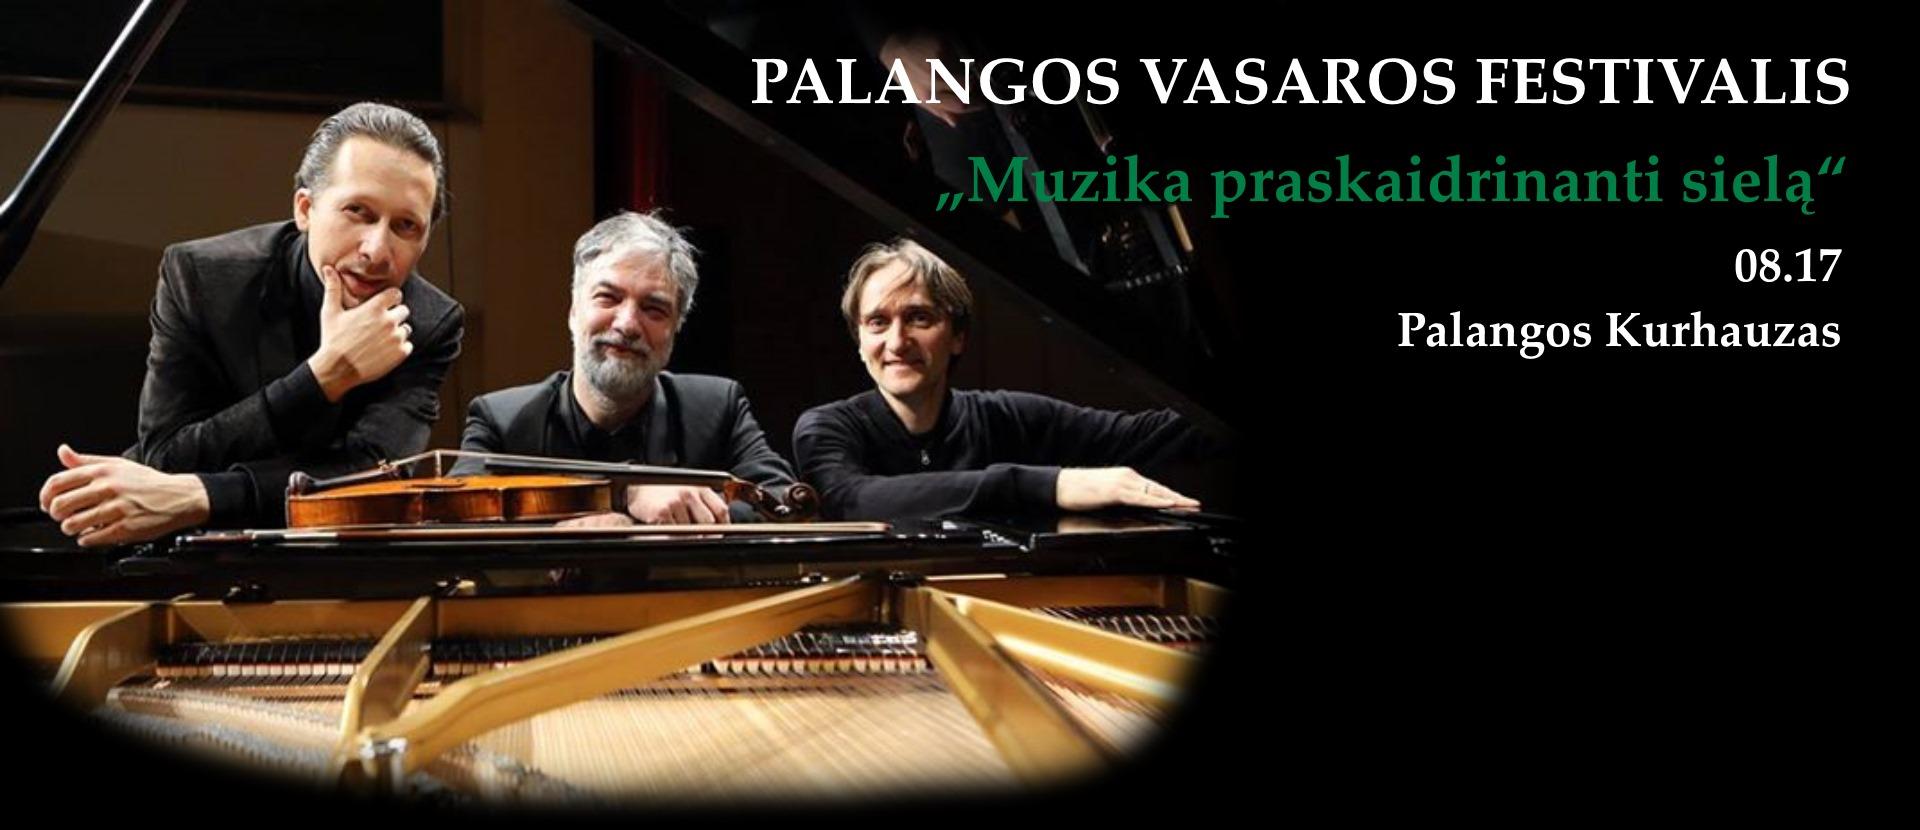 """""""Palangos vasaros festivalis"""": """"Muzika praskaidrinanti sielą"""""""